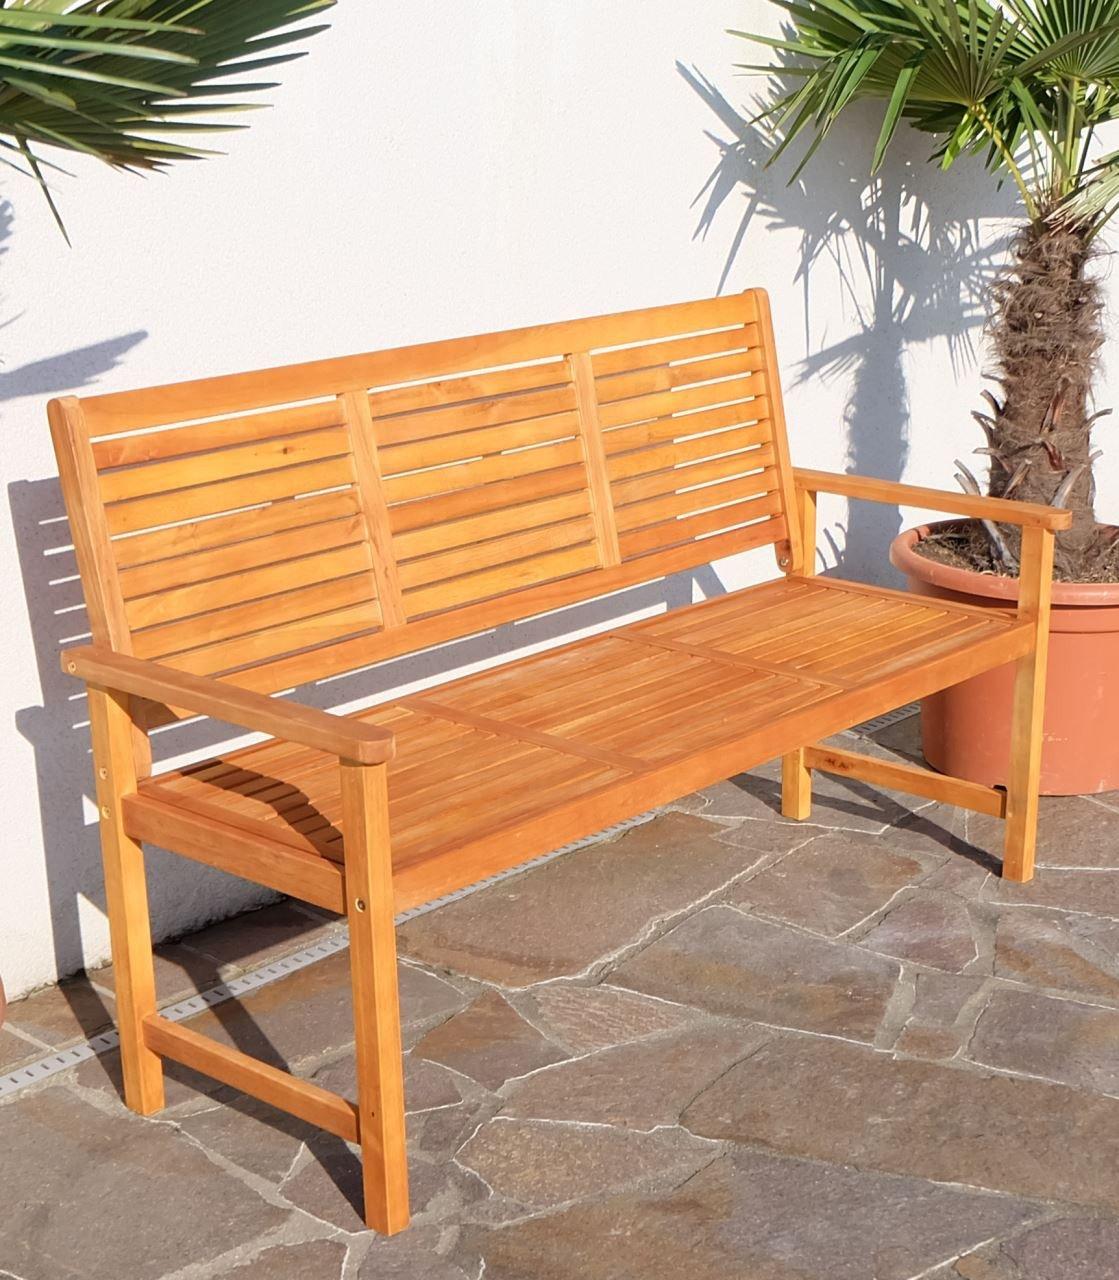 Design Gartenbank Parkbank Sitzbank 3-Sitzer Bank Gartenmöbel Holz Eukalyptus w.Teak Modell: 'SARIA-EU' von AS-S günstig kaufen